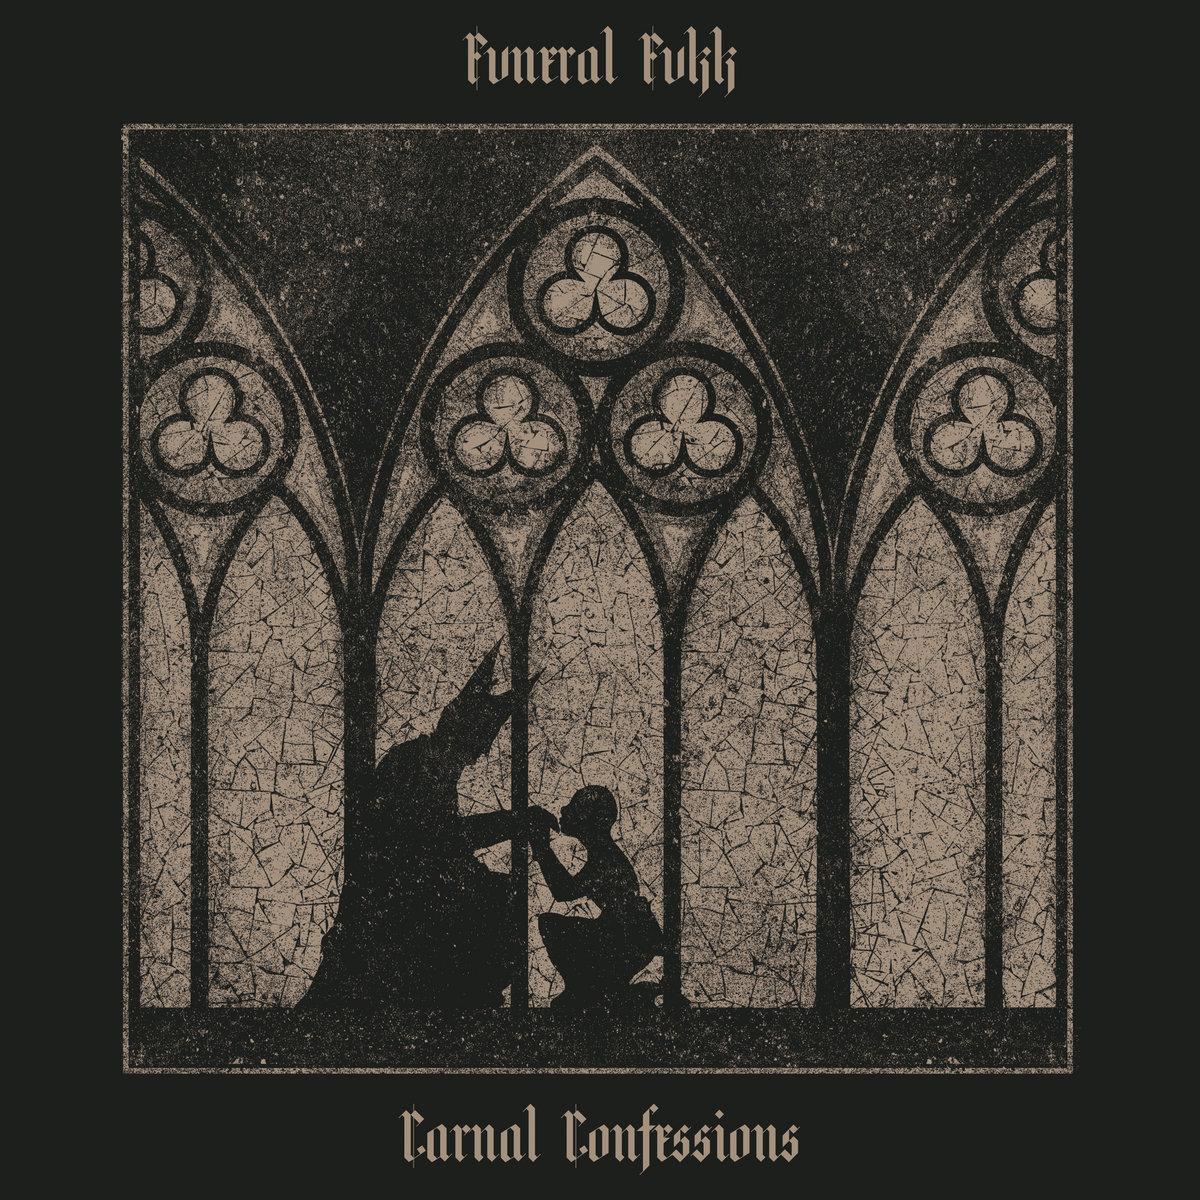 'Carnal Confessions' von der Kapelle Fvneral Fvkk (2019)